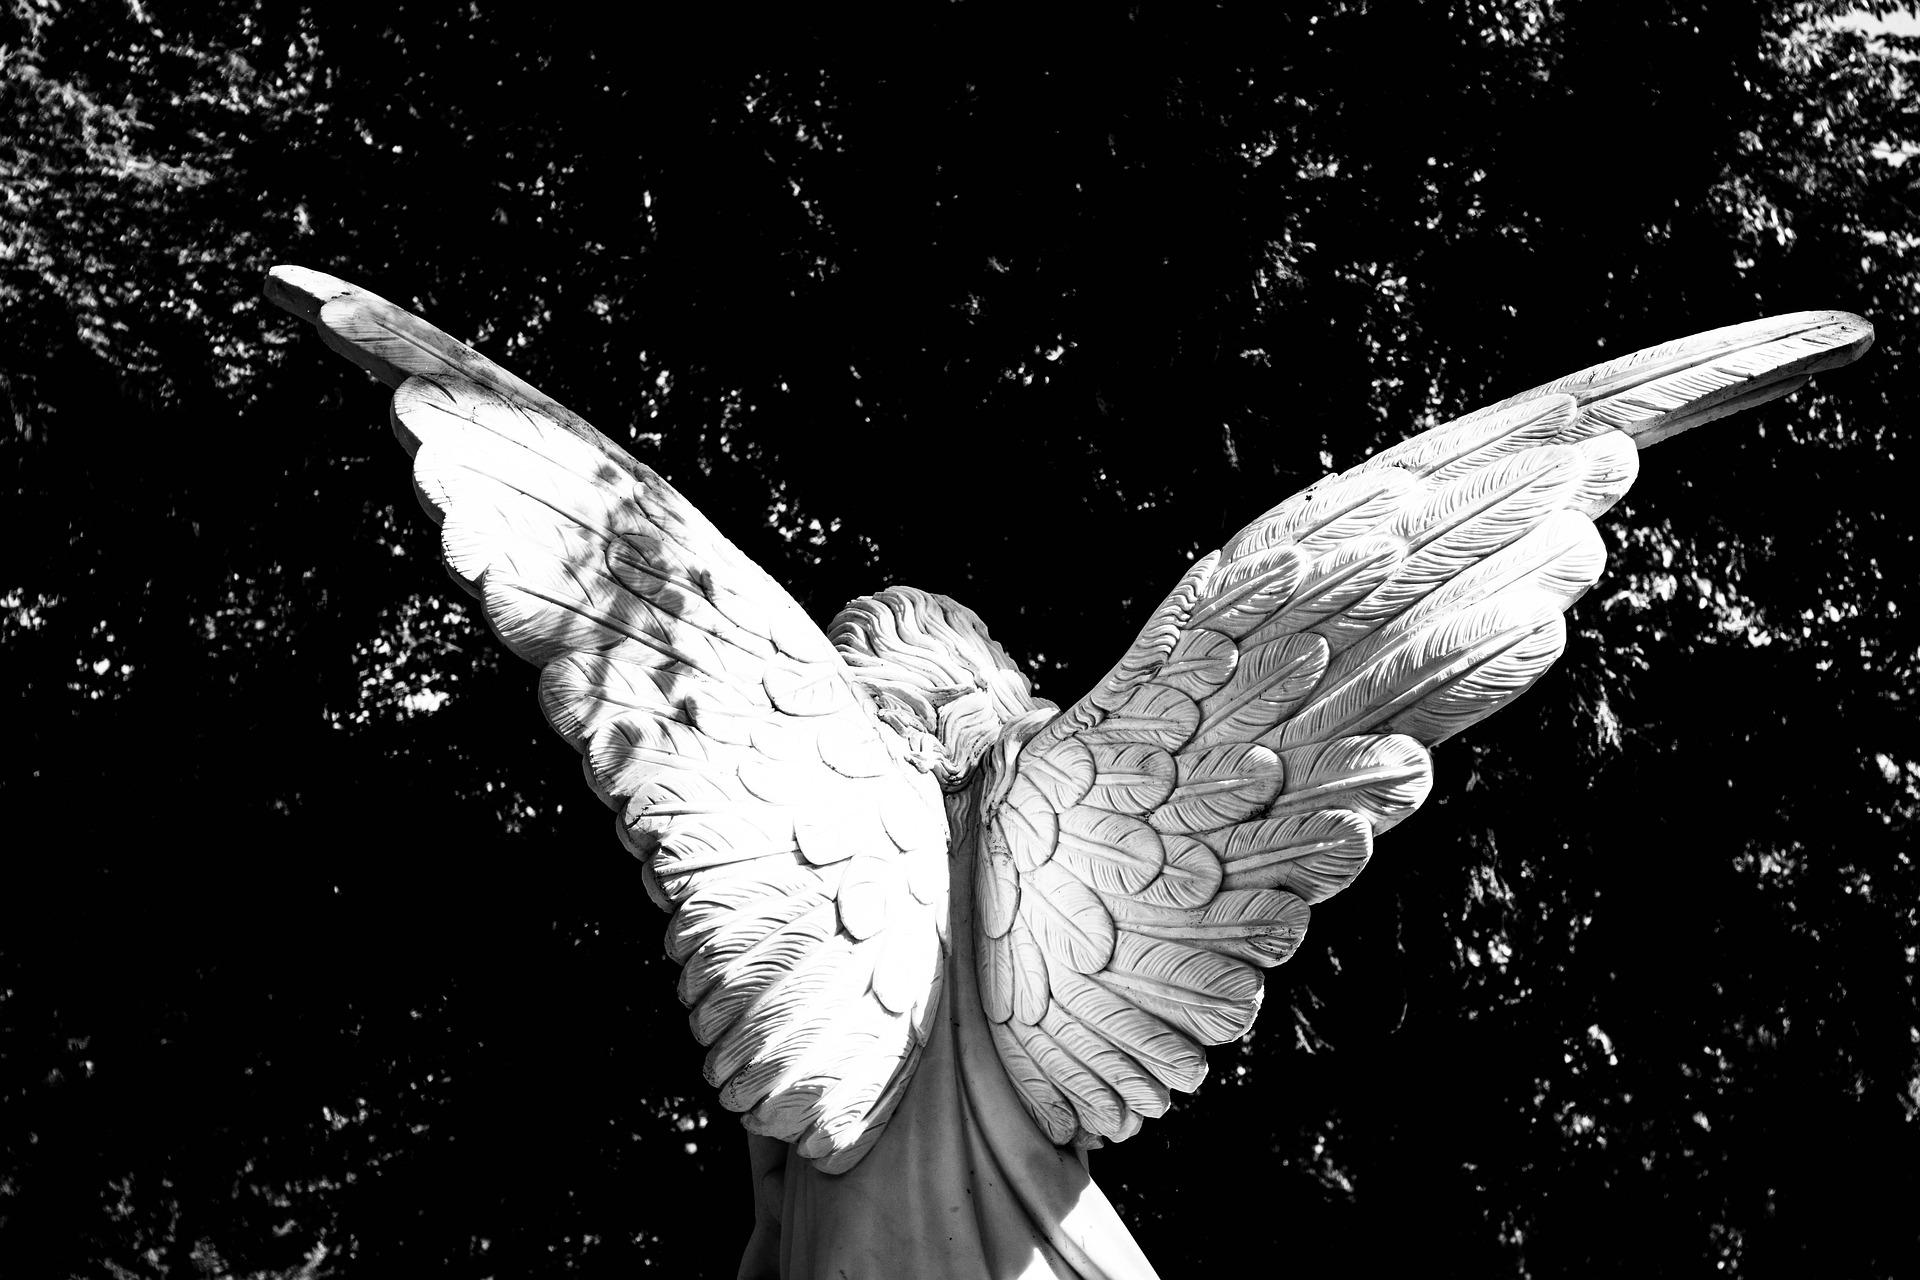 夢占いで天使が意味するサインは?天使が夢に出てきた夢の意味を解説